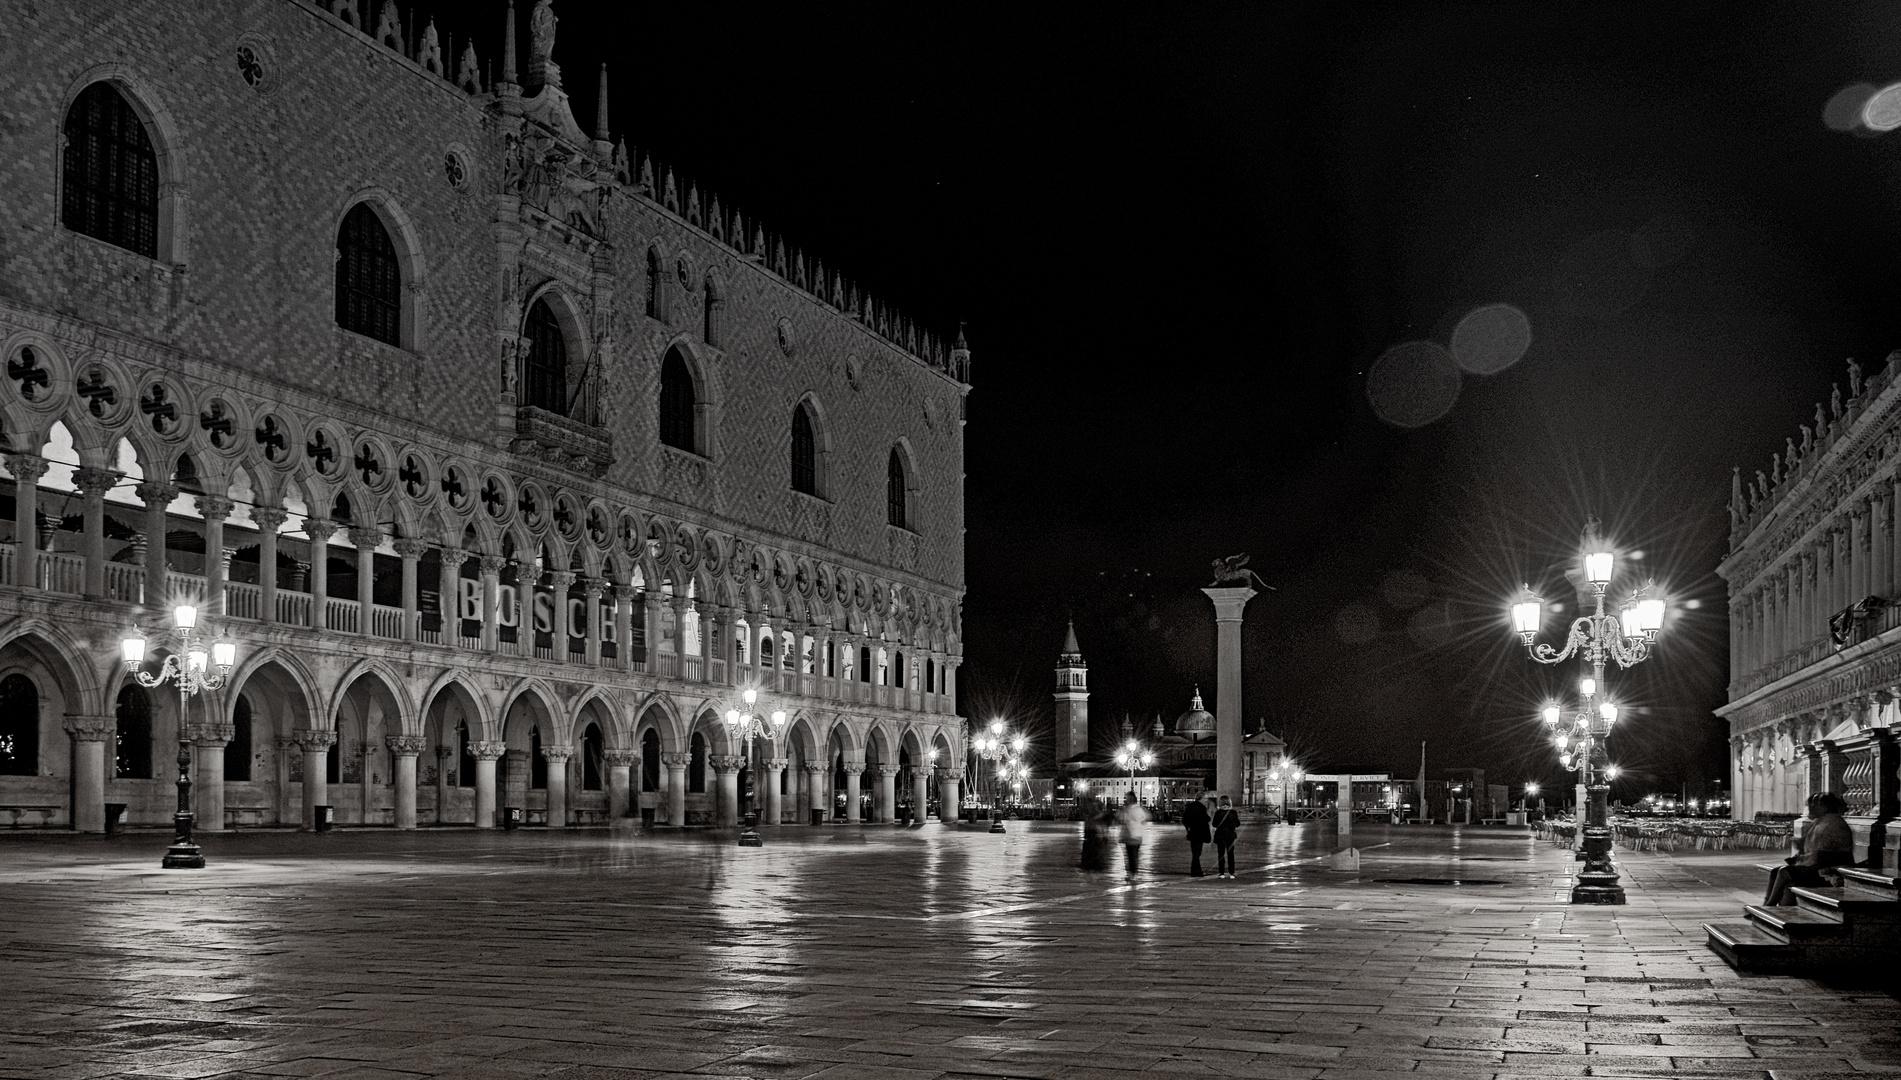 Palazzo Ducale Piazza San Marco Venezia